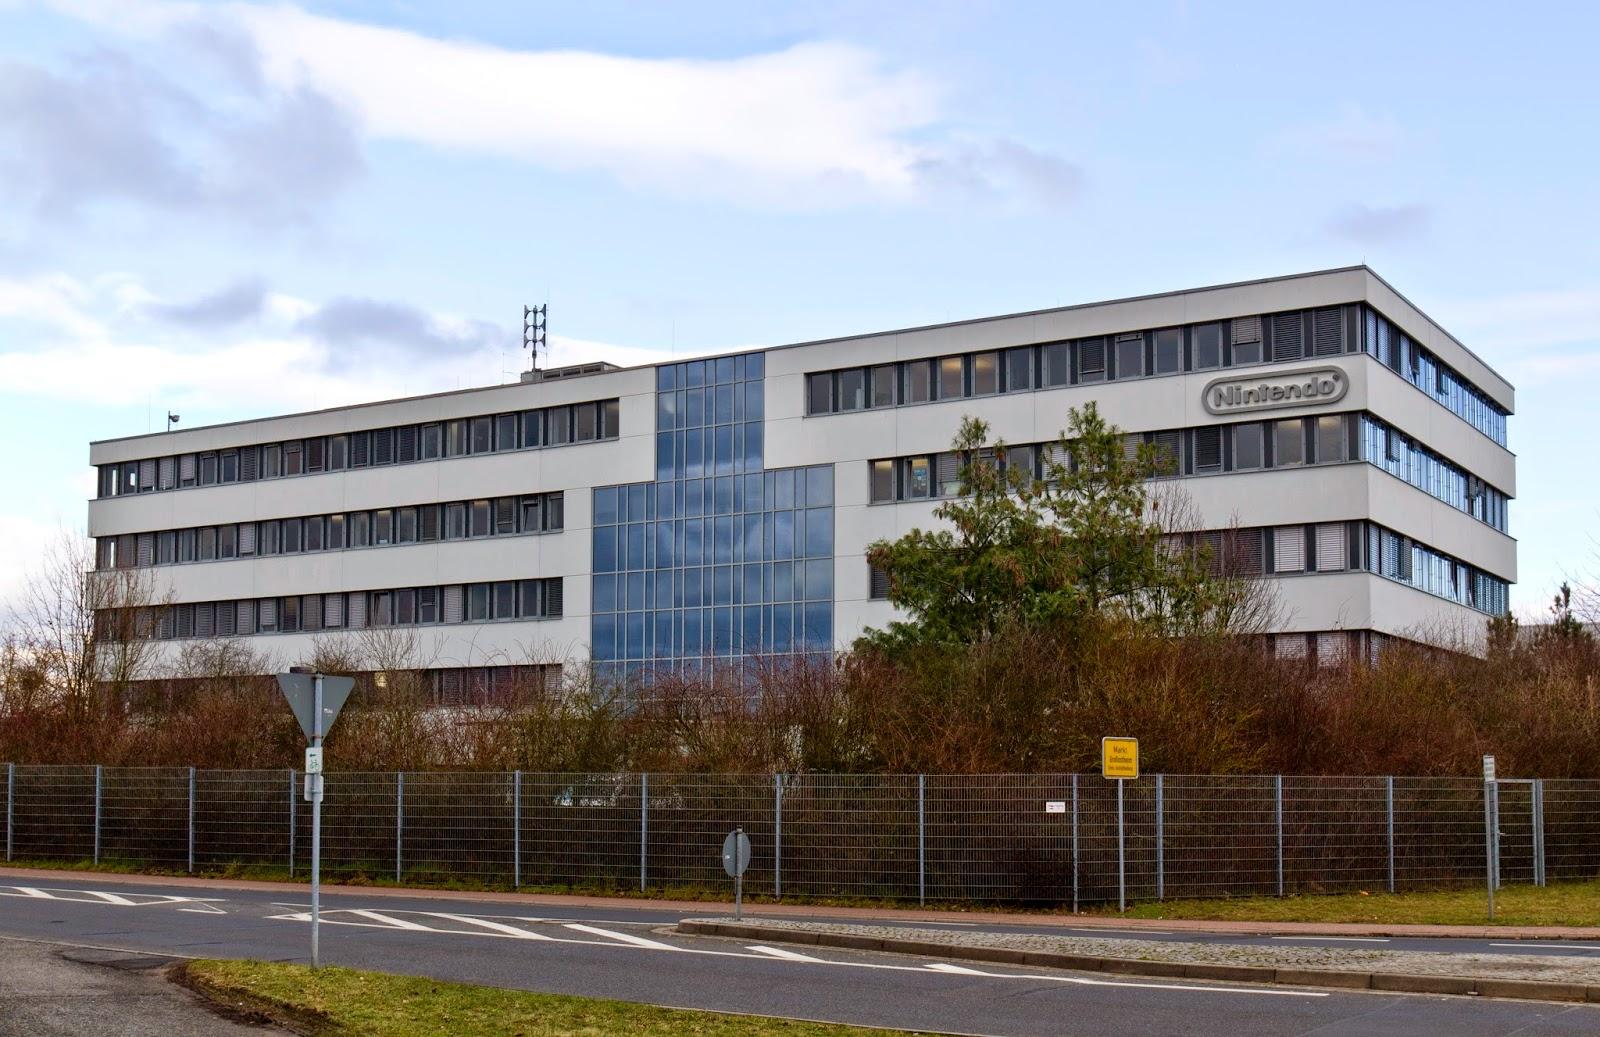 Nintendo, Nintendo closure of headquarters in Germany, Nintendo deleting 130 jobs, Nintendo headquarters, headquarters in Großostheim, headquarters in Frankfurt, Nintendo European headquarters, Nintendo europe , games,